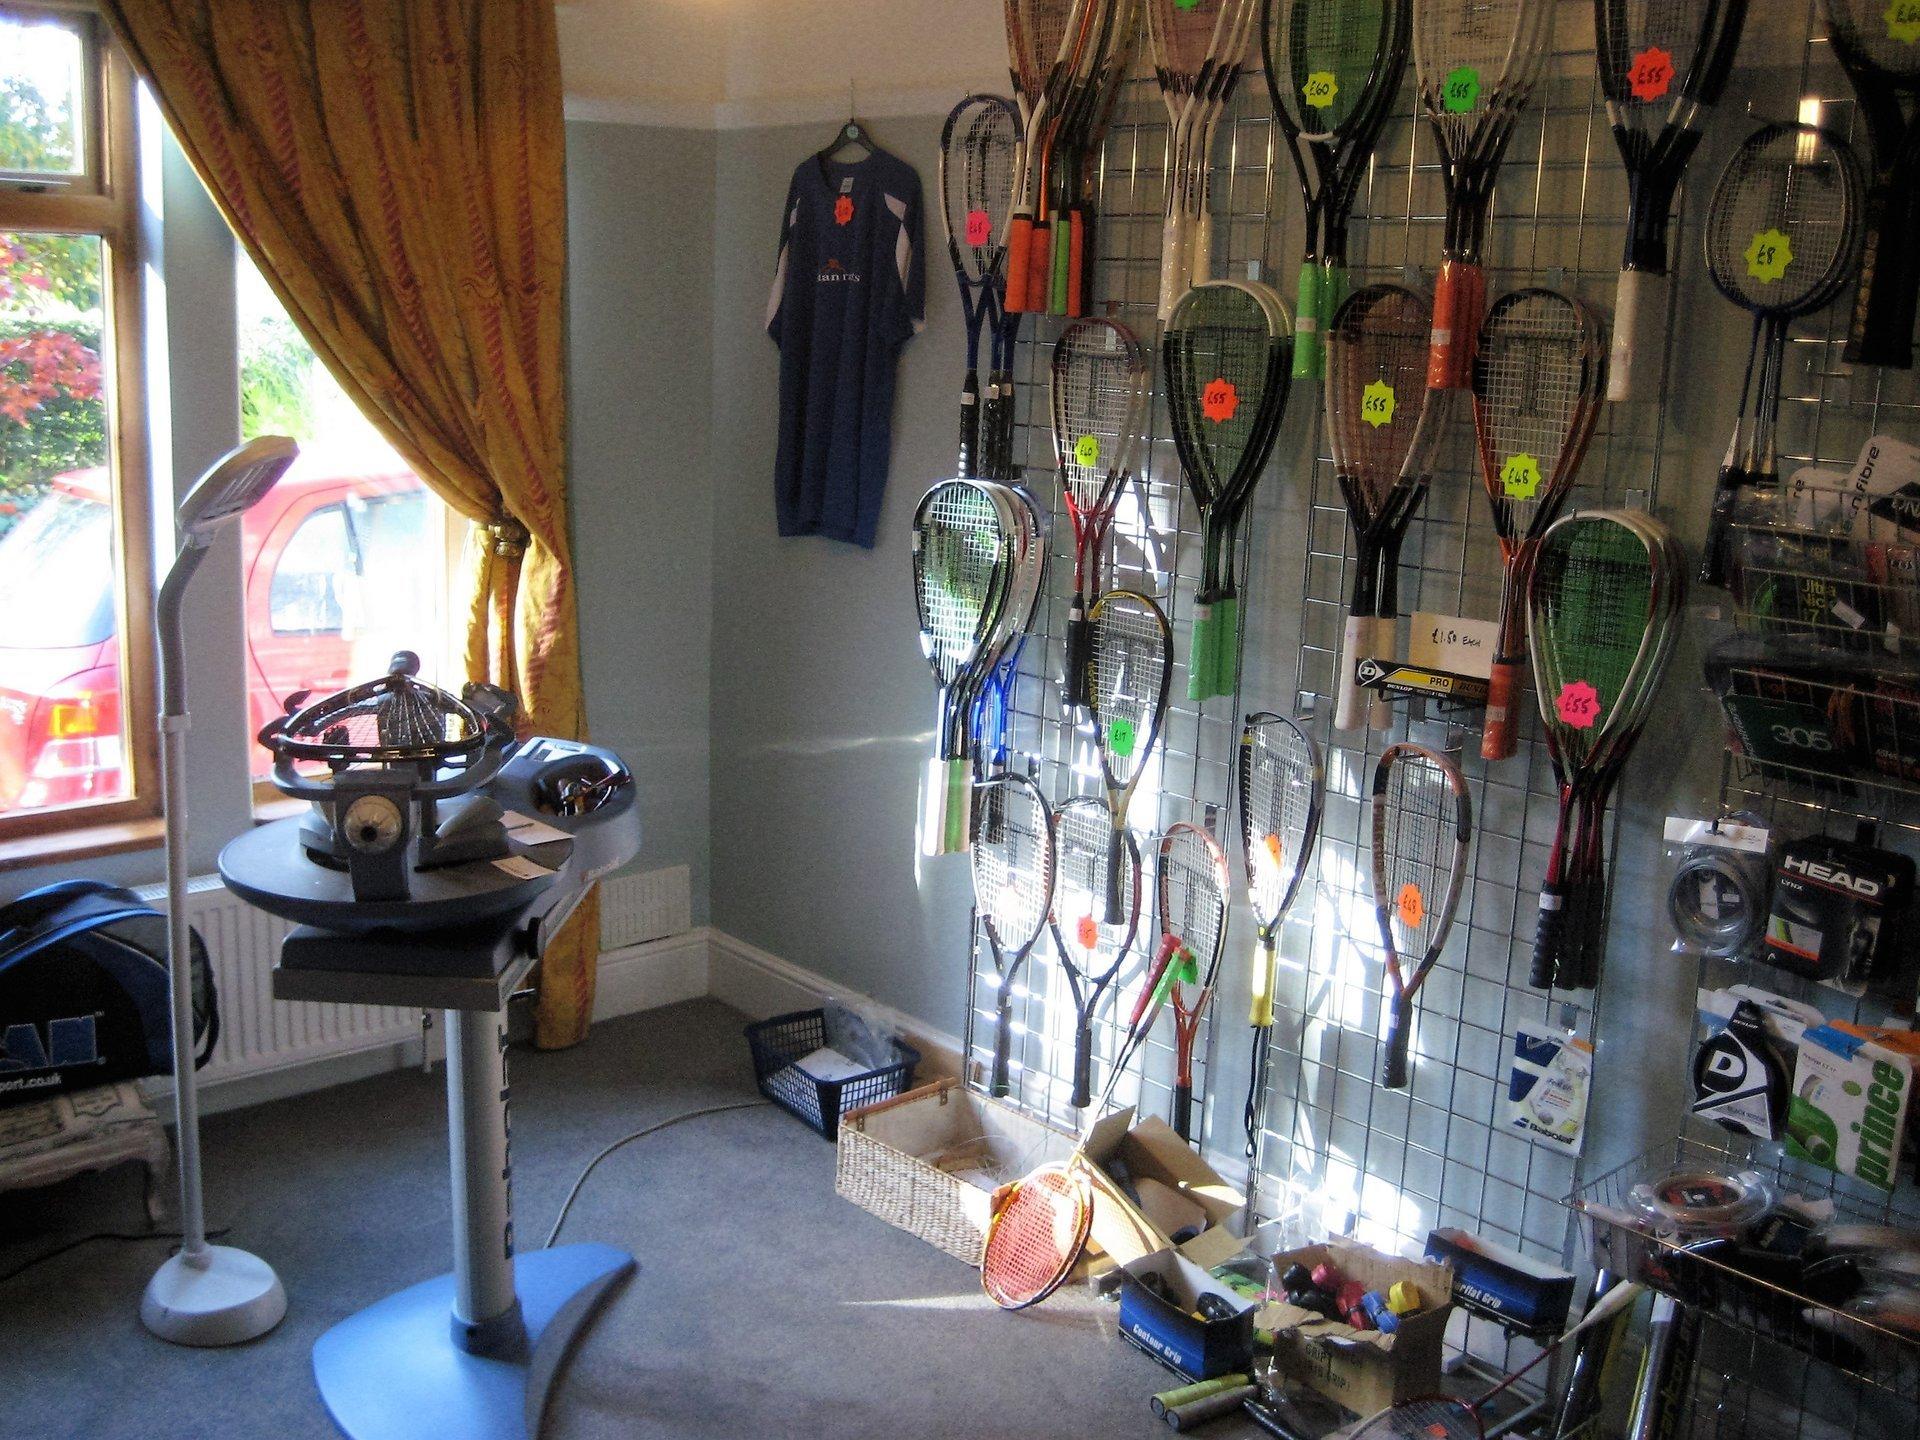 Racket restringing